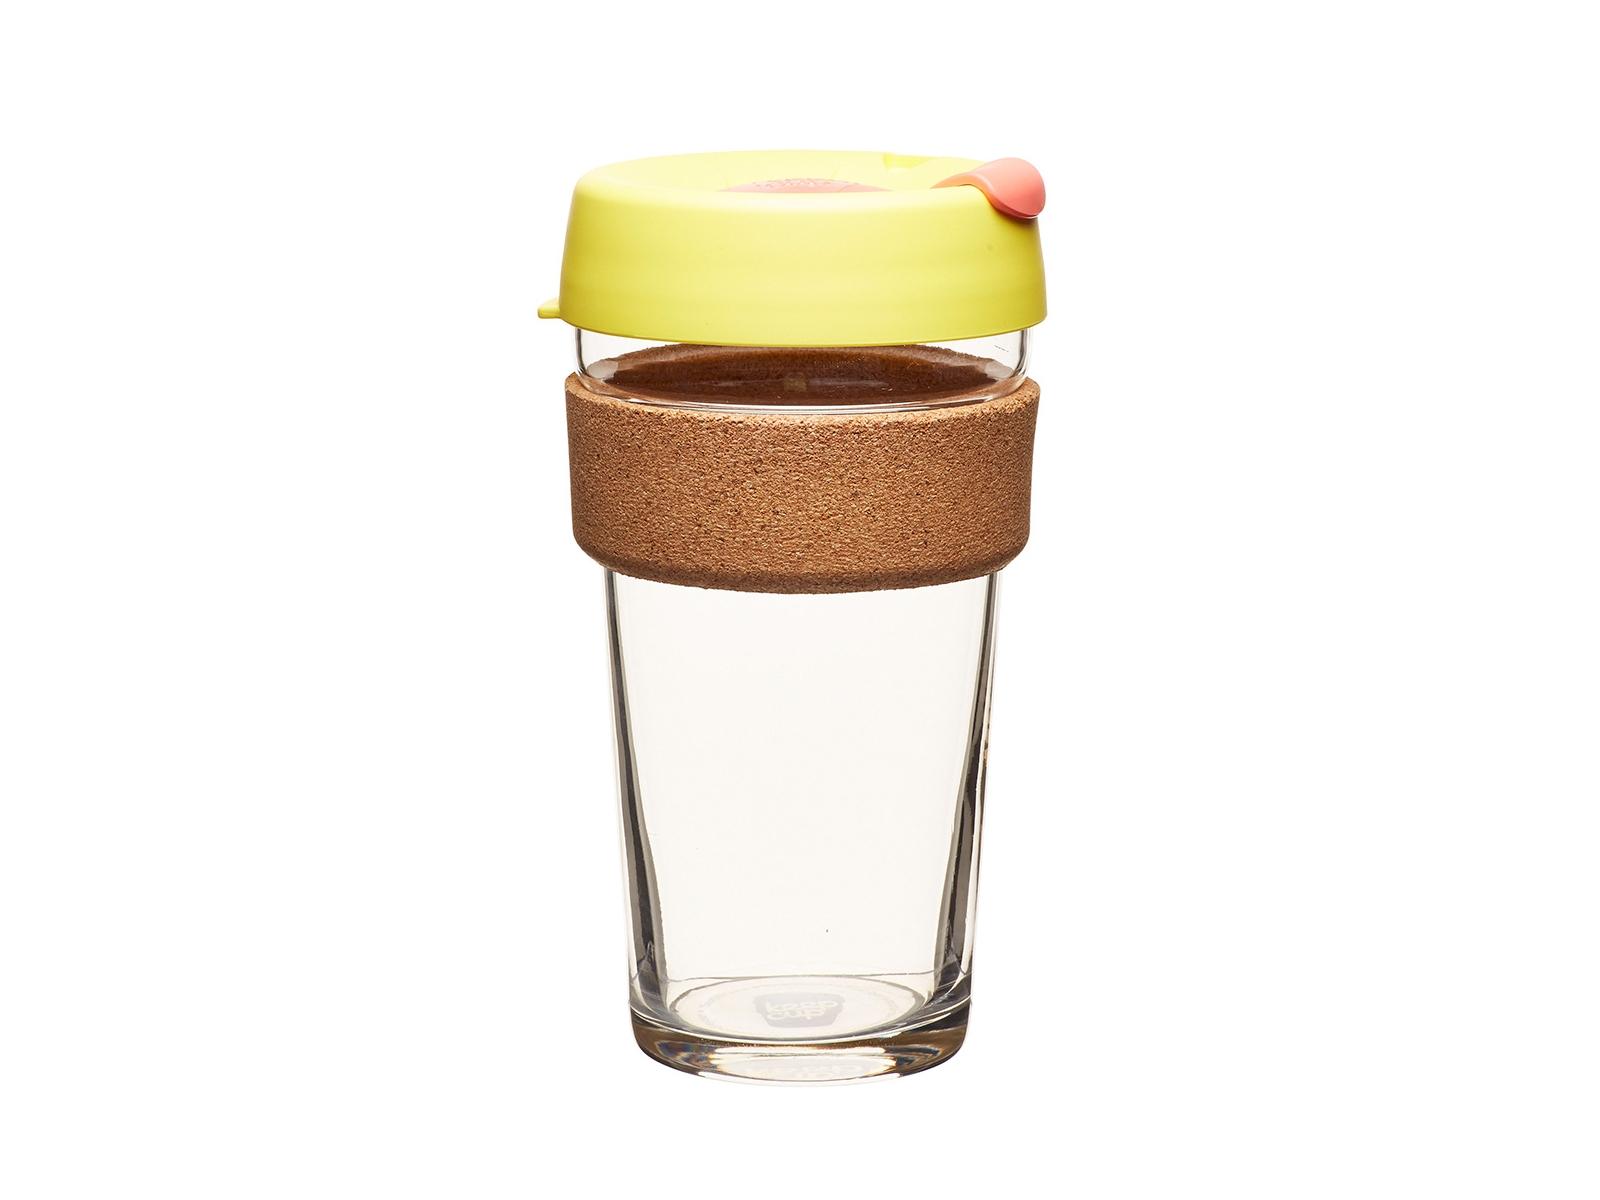 Кружка Keepcup saffronЧайные пары, чашки и кружки<br>Лимитированная серия культовых кружек Keepcup со стенками из закаленного стекла, еще более удобной крышкой и уникальным пояском из пробкового дерева.  <br>Кружка, созданная с мыслями о вас и о планете. Главная идея KeepCup – вдохновить любителей кофе отказаться от использования одноразовых бумажных и пластиковых стаканов, так как их производство и утилизация наносят вред окружающей среде. В год производится и выбрасывается около 500 миллиардов одноразовых стаканчиков, а ведь планета у нас всего одна! <br>Но главный плюс кружки  – привлекательный дизайн, который станет отражением вашего личного стиля. Берите её в кафе или наливайте кофе, чай, сок дома, чтобы взять с собой - пить вкусные напитки на ходу, на работе или на пикнике. Специальная крышка с открывающимся и закрывающимся клапаном спасет от брызг, плотный ободок поможет не обжечься (плюс, удобно держать кружку в руках.<br>Крышка сделана без содержания вредного бисфенола (BPA-free). Корпус - из закаленного стекла, устойчивого к термическому и механическому воздействию.Объем:&amp;nbsp;454 мл.<br><br>kit: None<br>gender: None